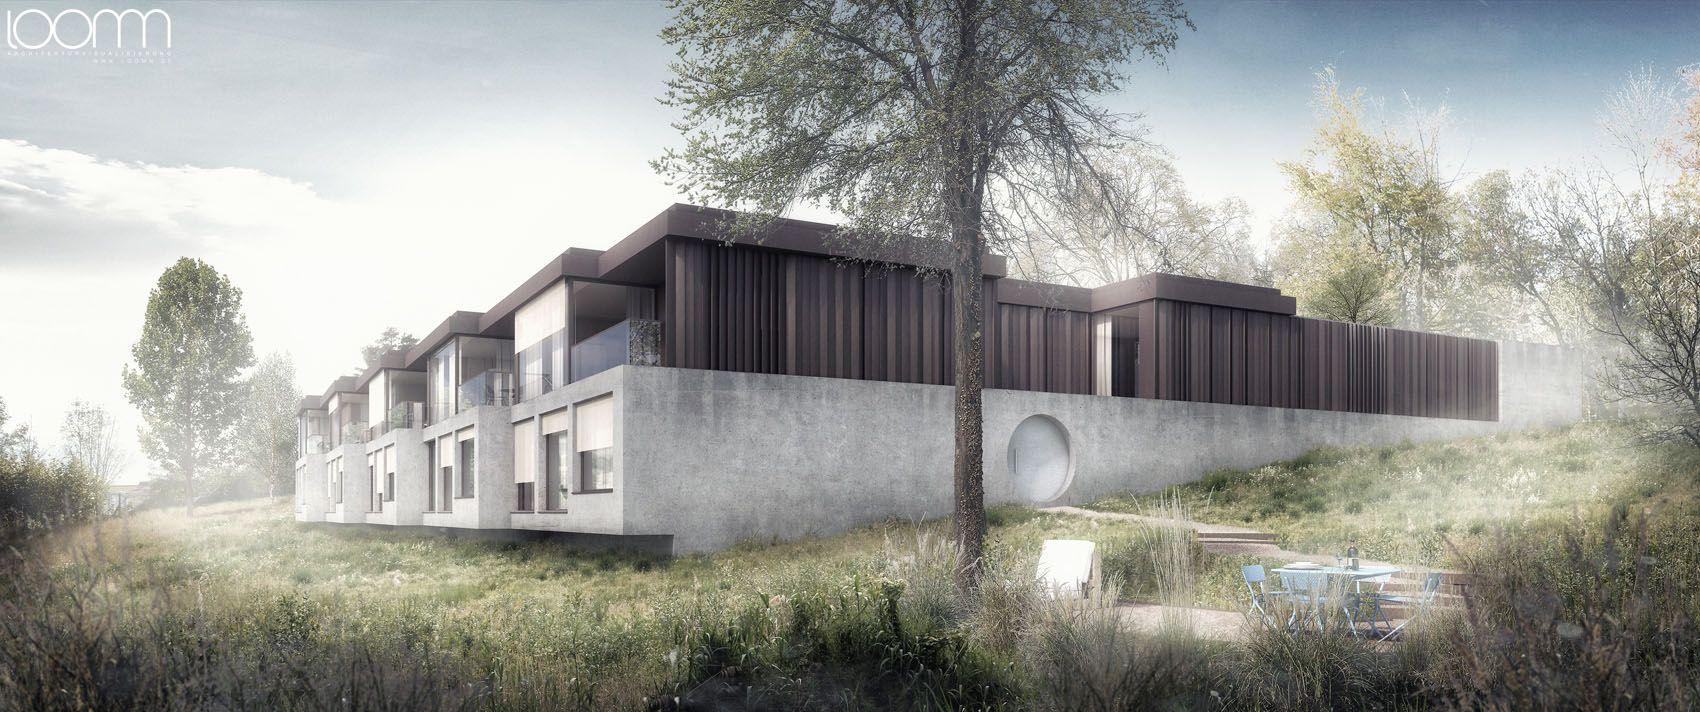 3d Architektur Visualisierung think architecture ag meilen patiohäuser stocklenweg